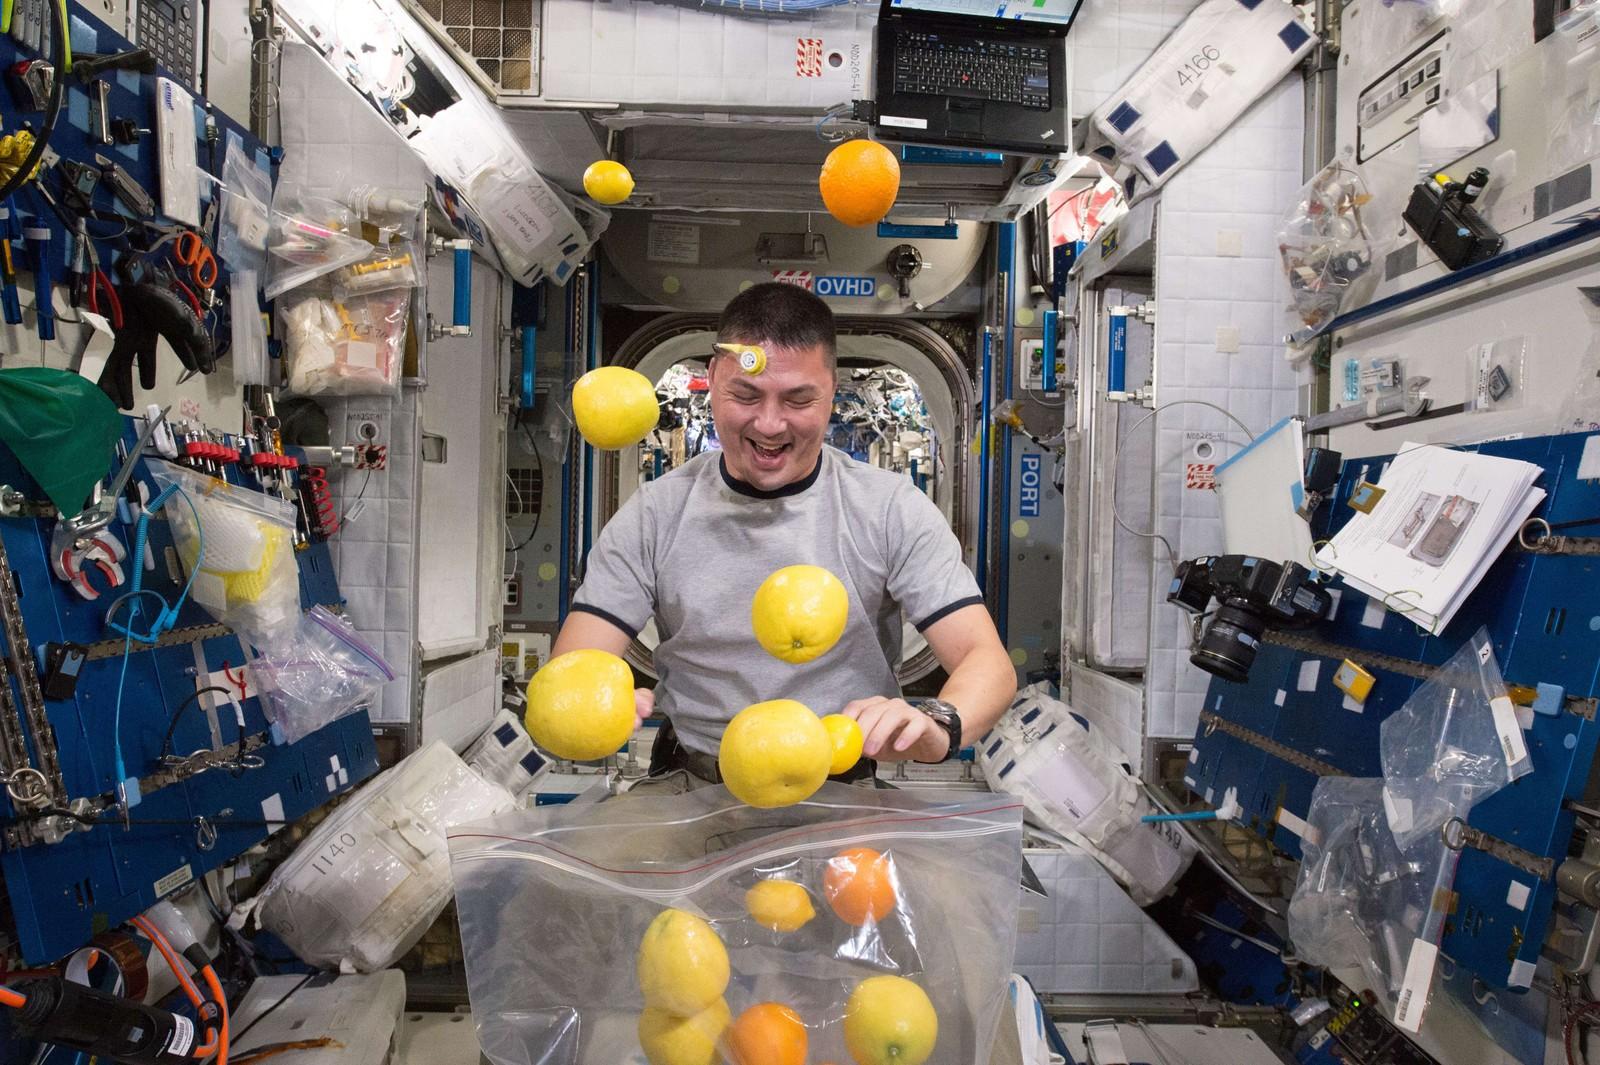 Så glad ble astronaut Kjell Lindgren da fruktkassa ankom den internasjonale romstasjonen ISS. Hvorvidt Lindgren fikk samla sammen all den vektløse frukten og nytt sine fem om dagen, forteller Nasa ingenting om.